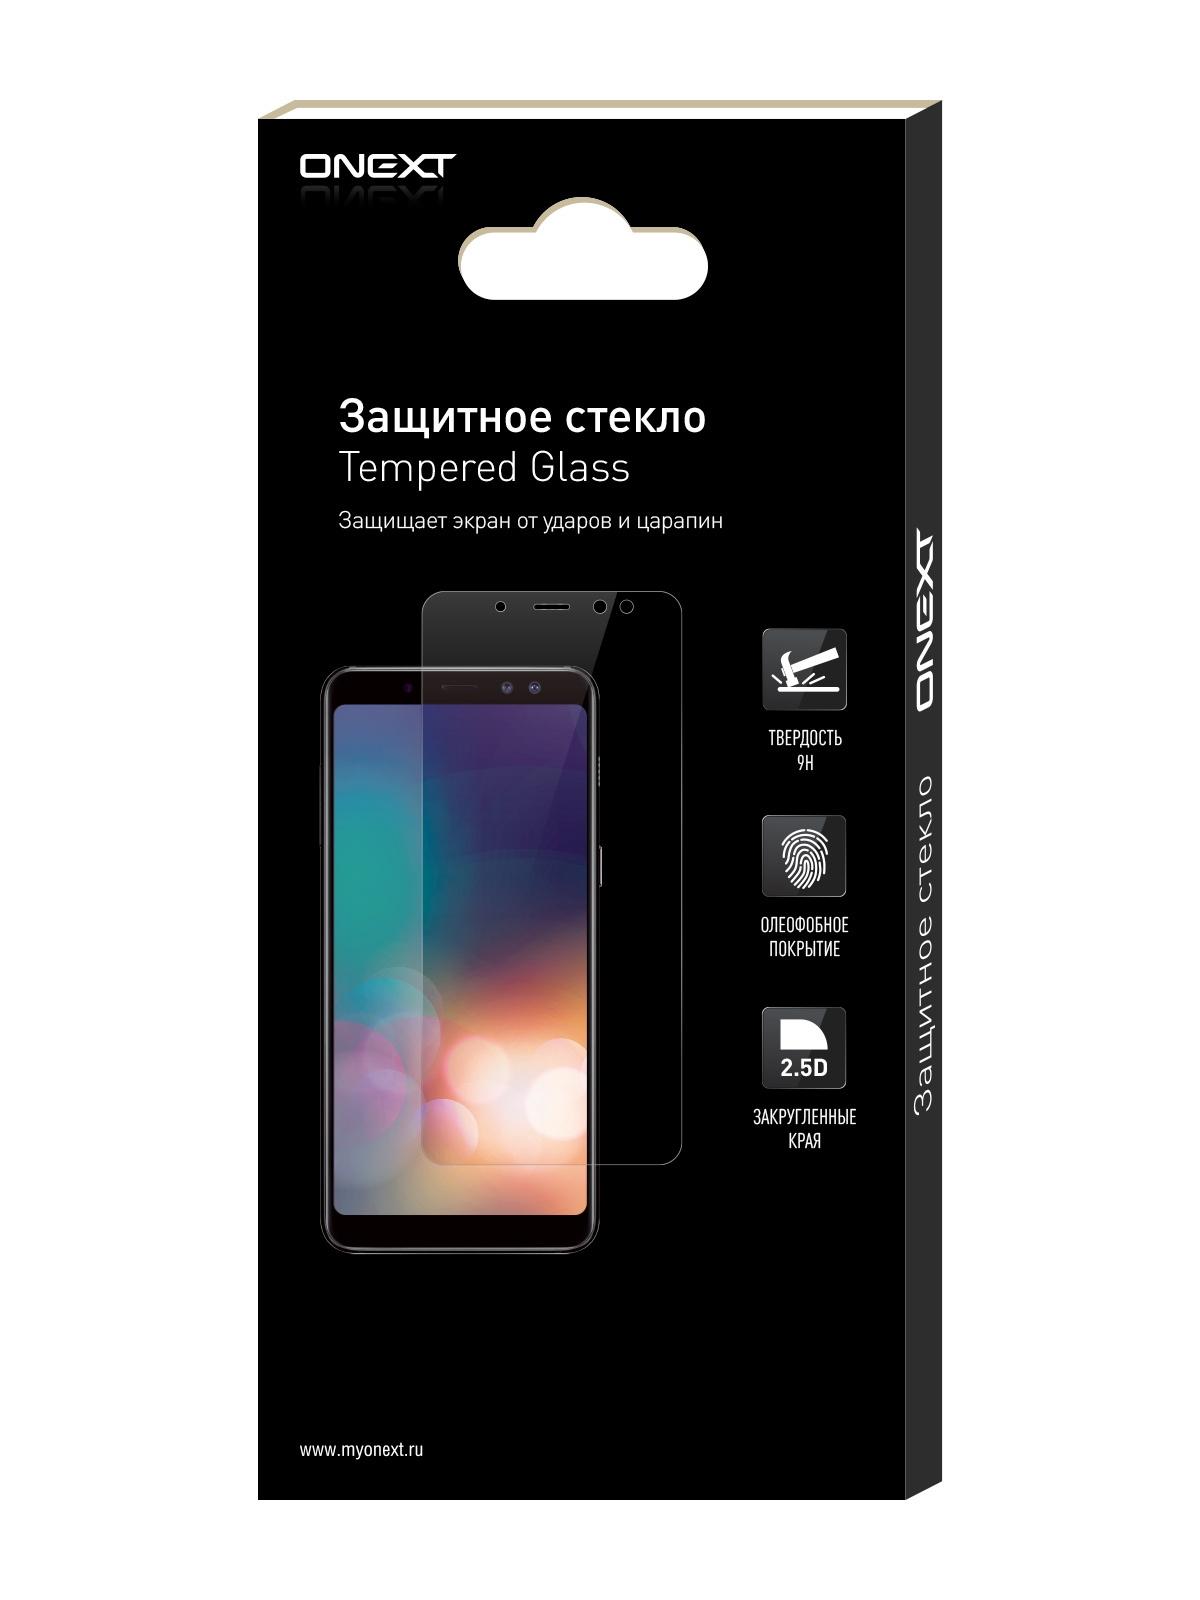 Защитное стекло ONEXT LG G4s все цены